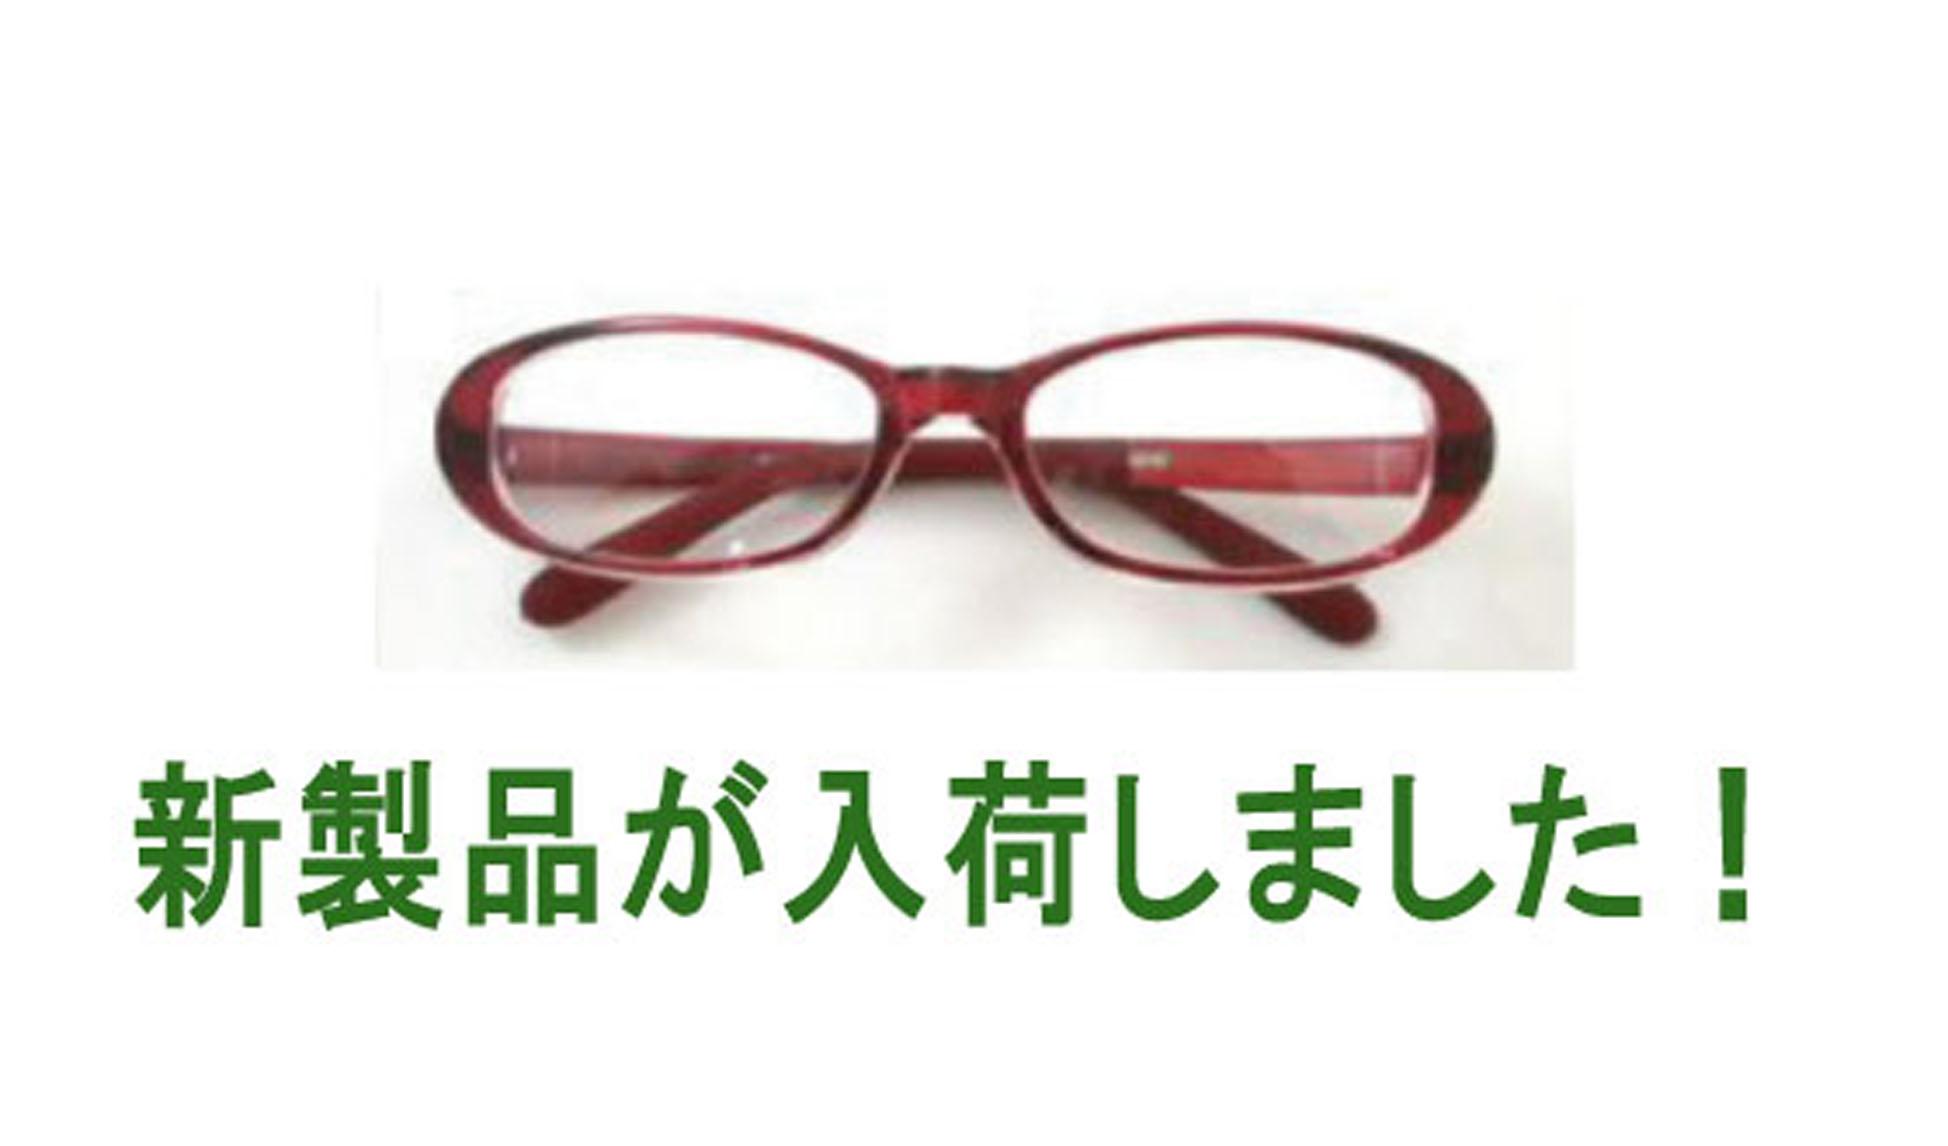 花粉症・風邪用メガネ 新商品です!